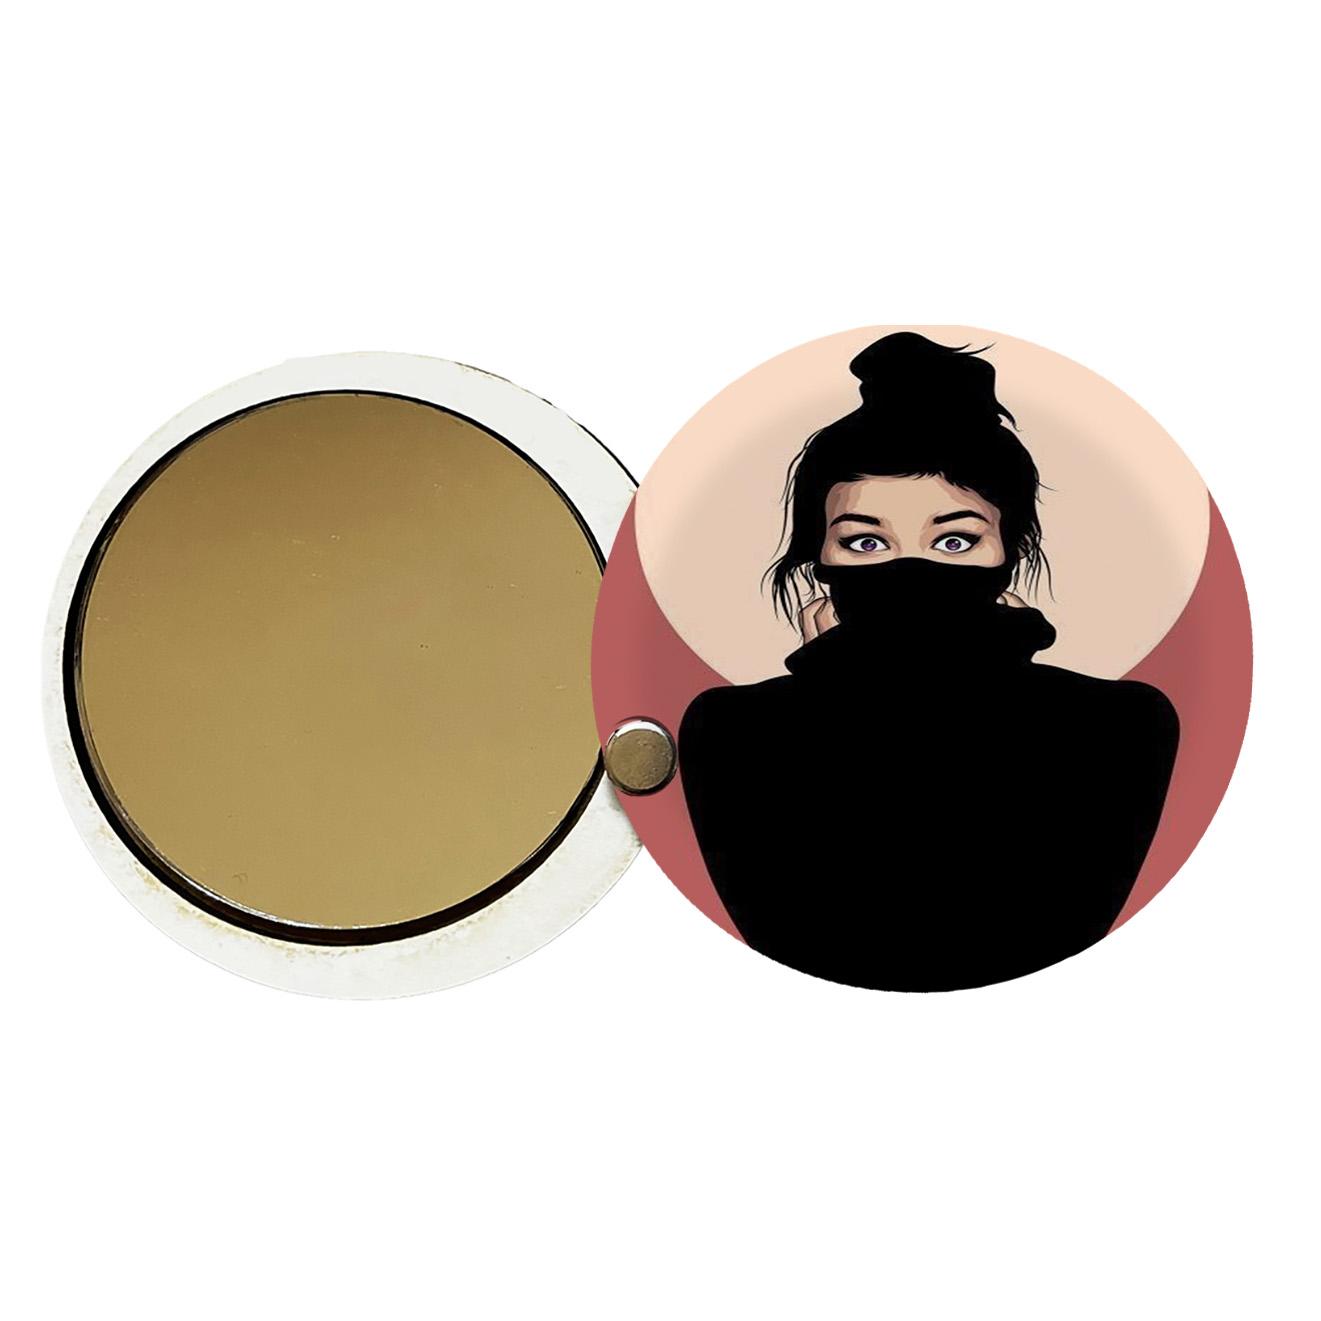 آینه جیبی طرح دخترانه کد ay75